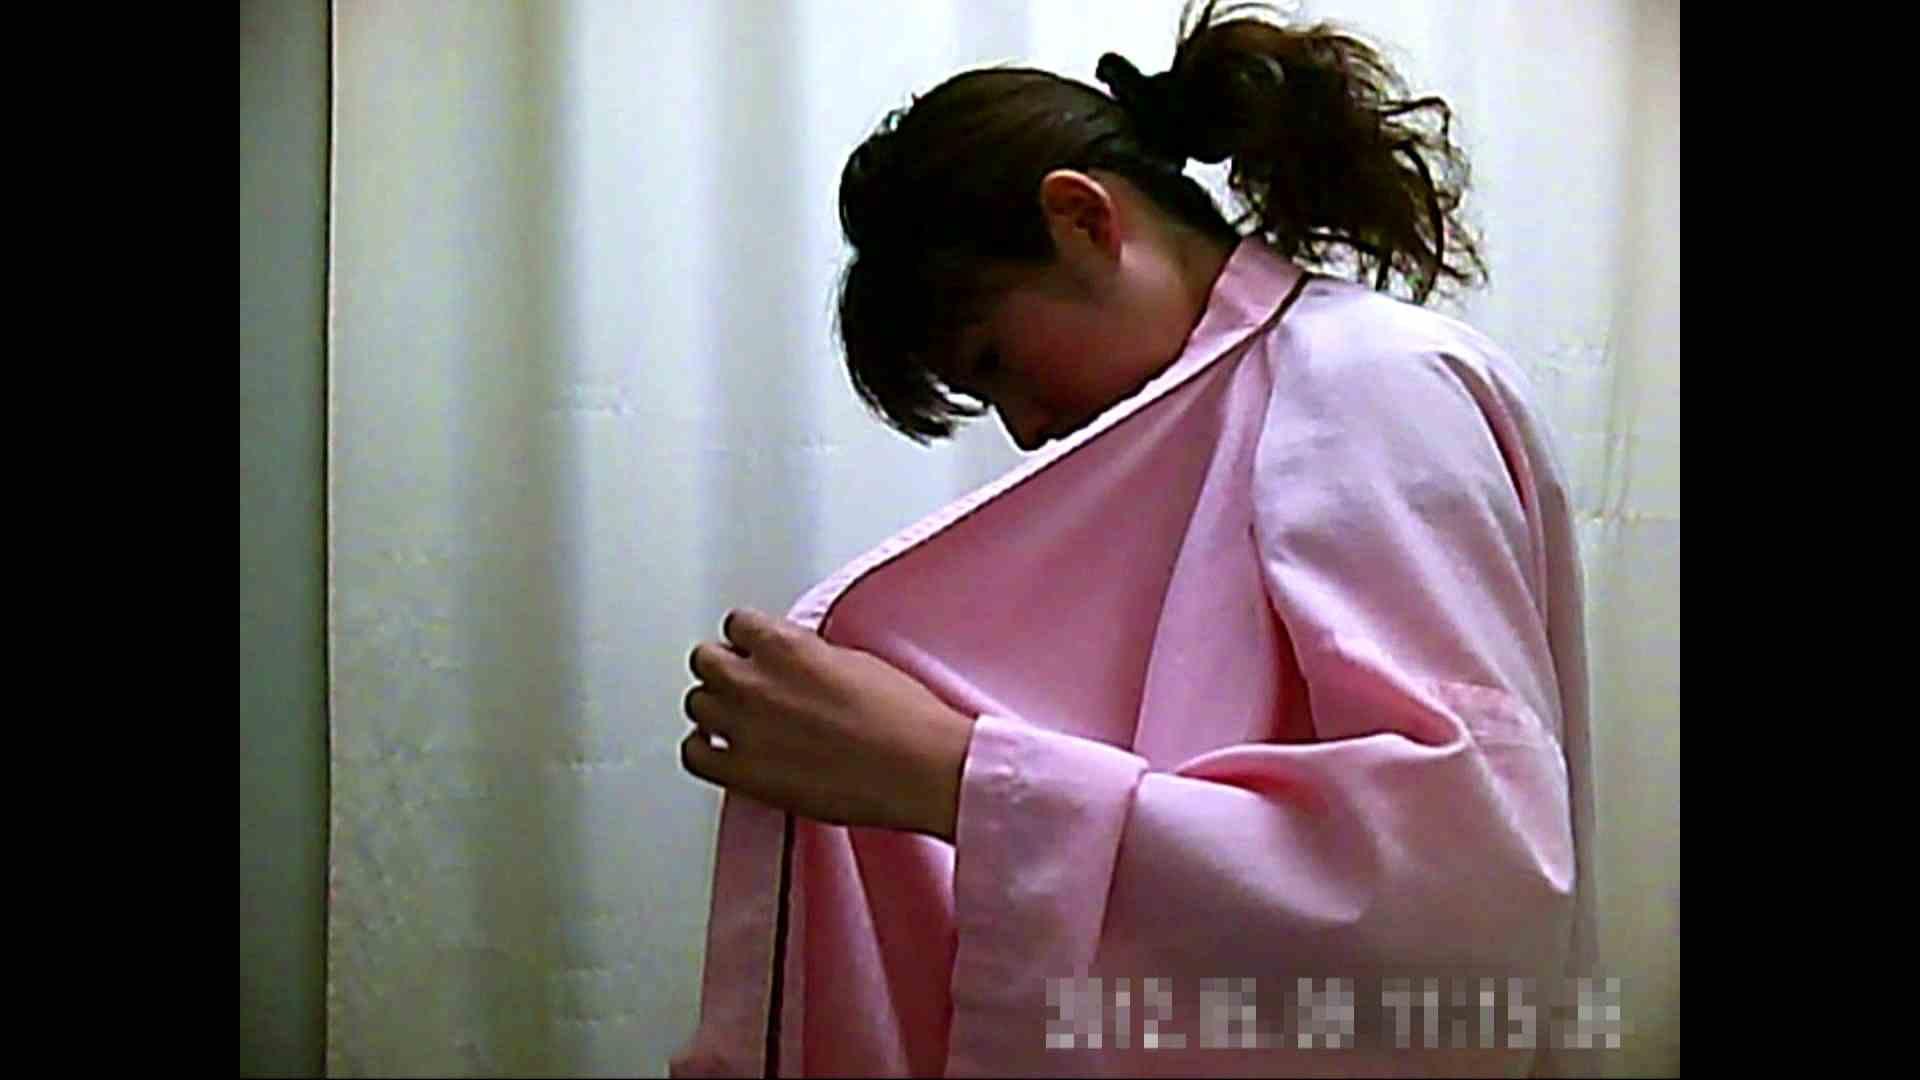 元医者による反抗 更衣室地獄絵巻 vol.002 お姉さんのSEX アダルト動画キャプチャ 109枚 80